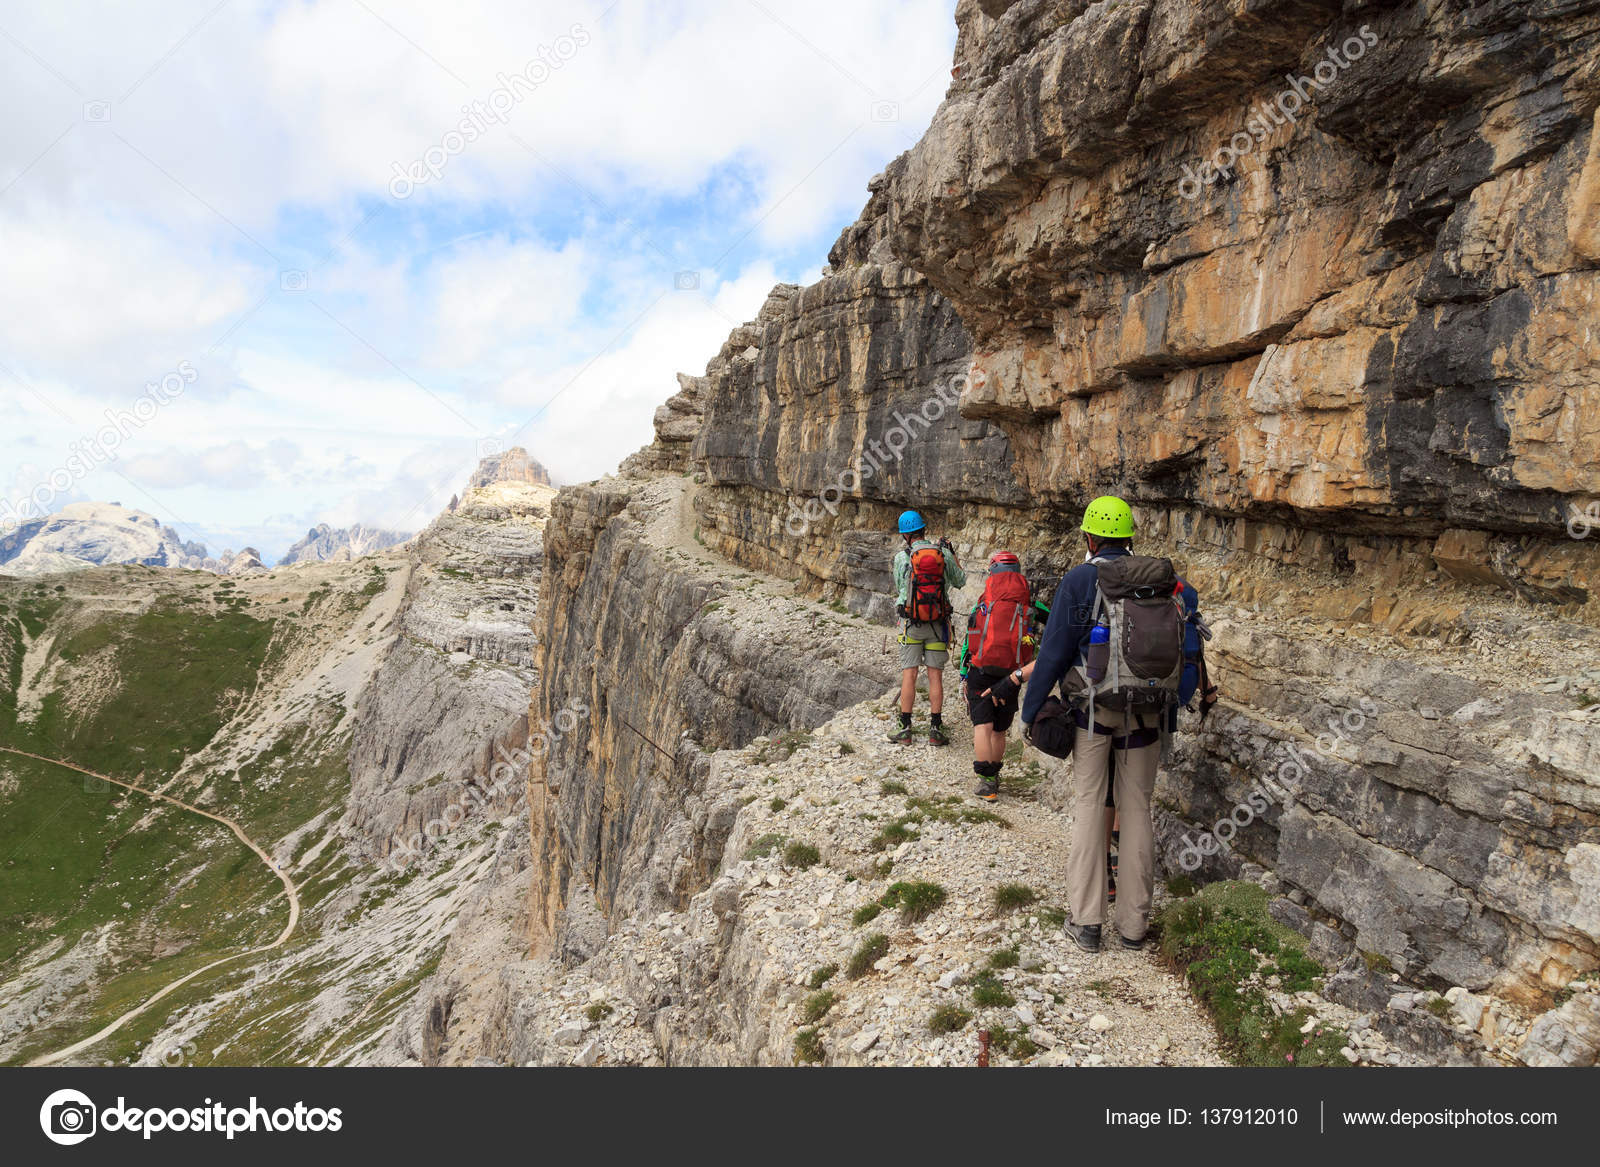 Klettersteig Dolomiten : Menschen wandern auf klettersteig alpinisteig in sexten dolomiten